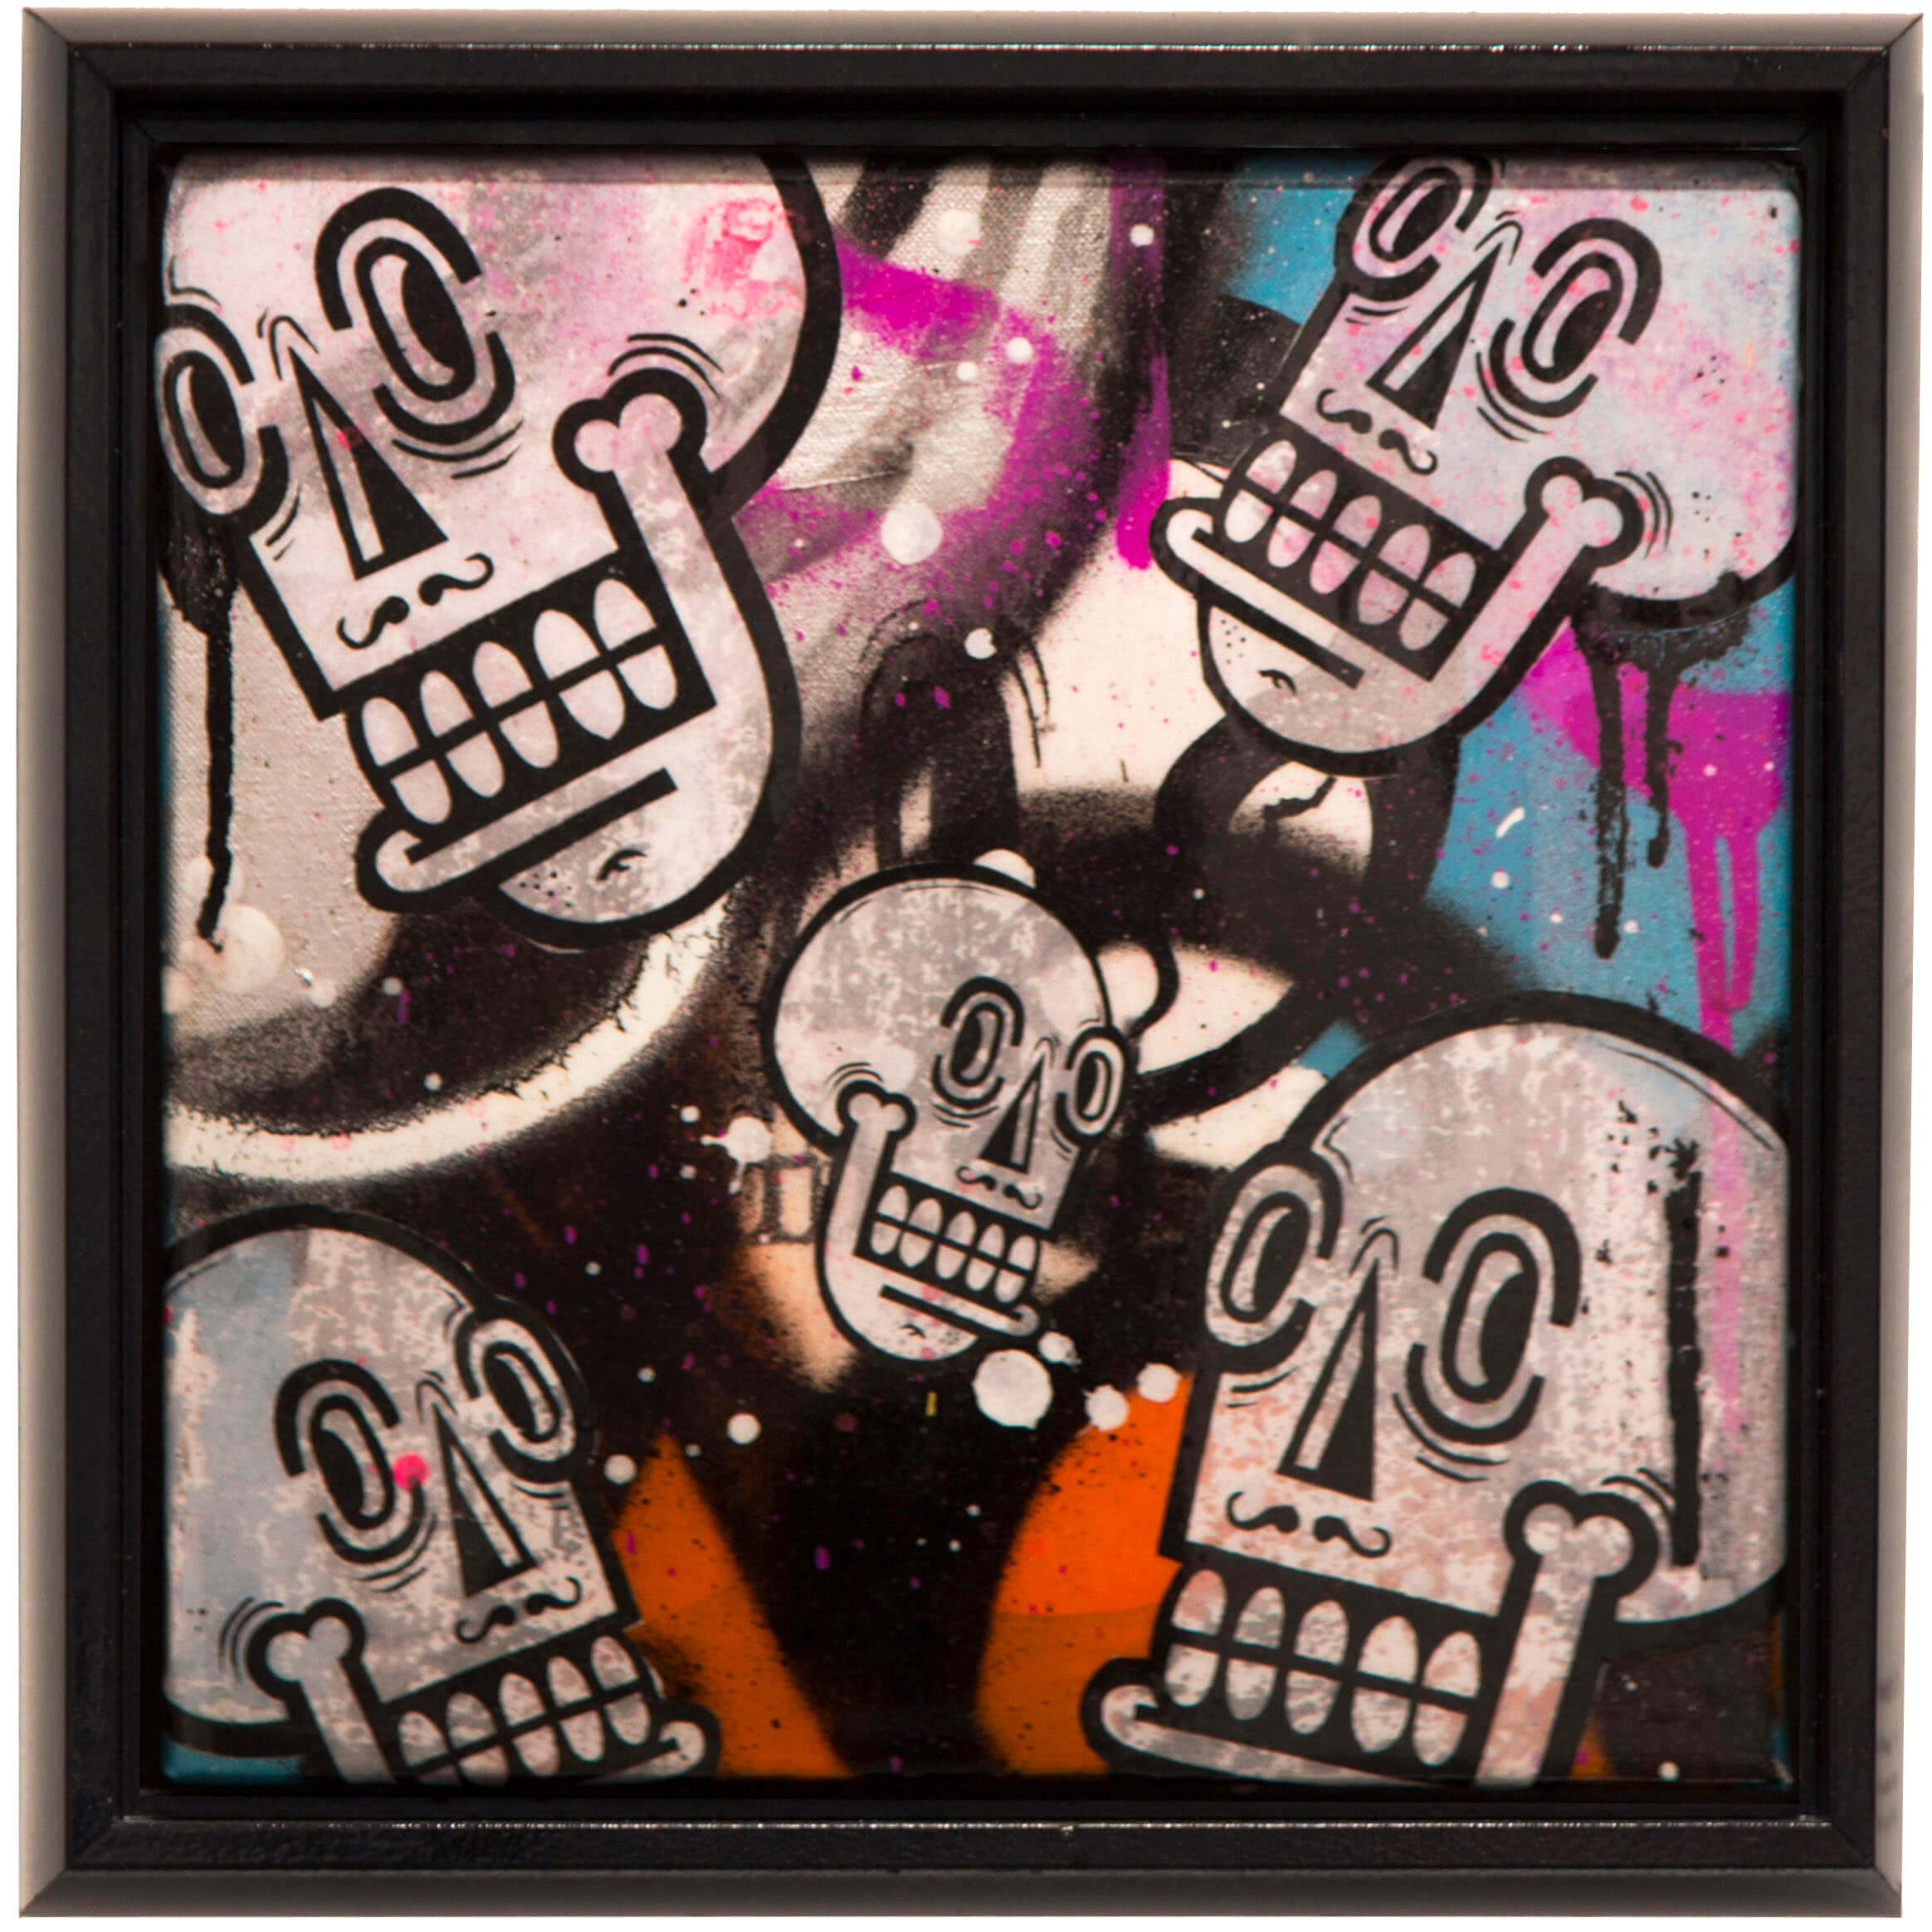 Joachim - Urban Skulls 2